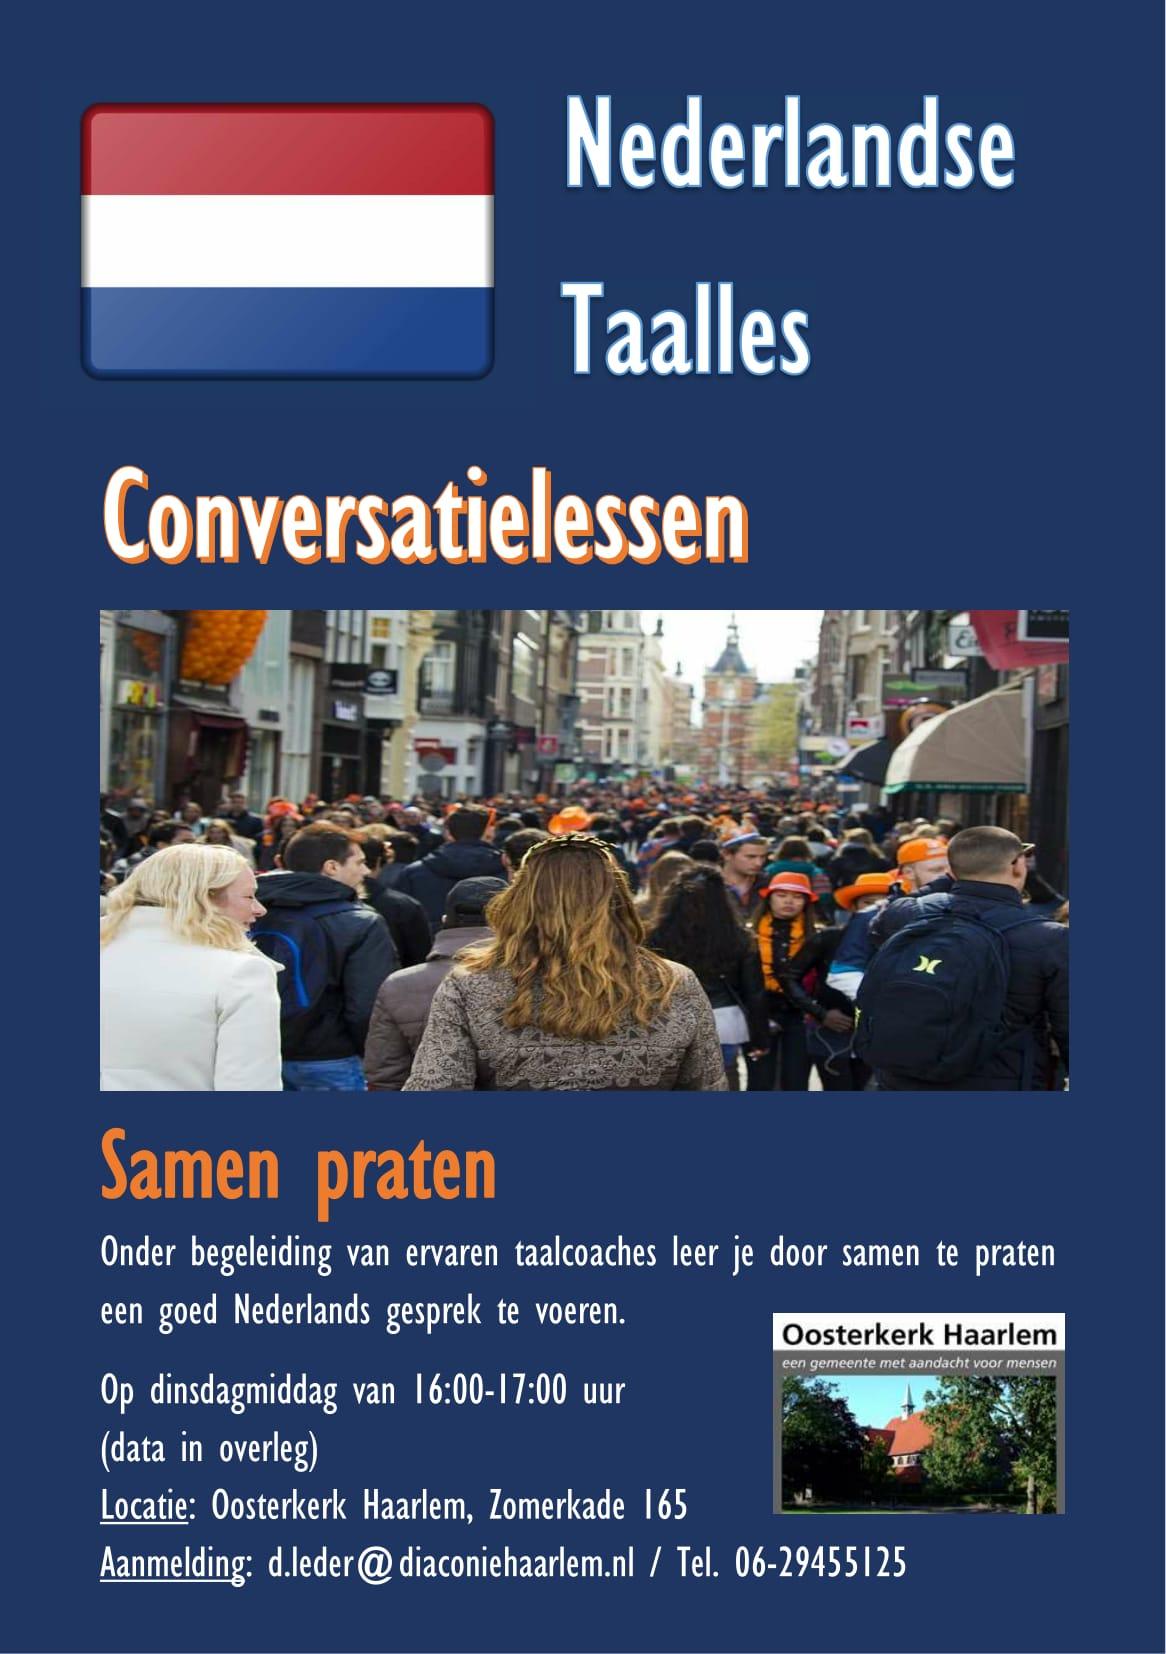 Flyer Taalles-1